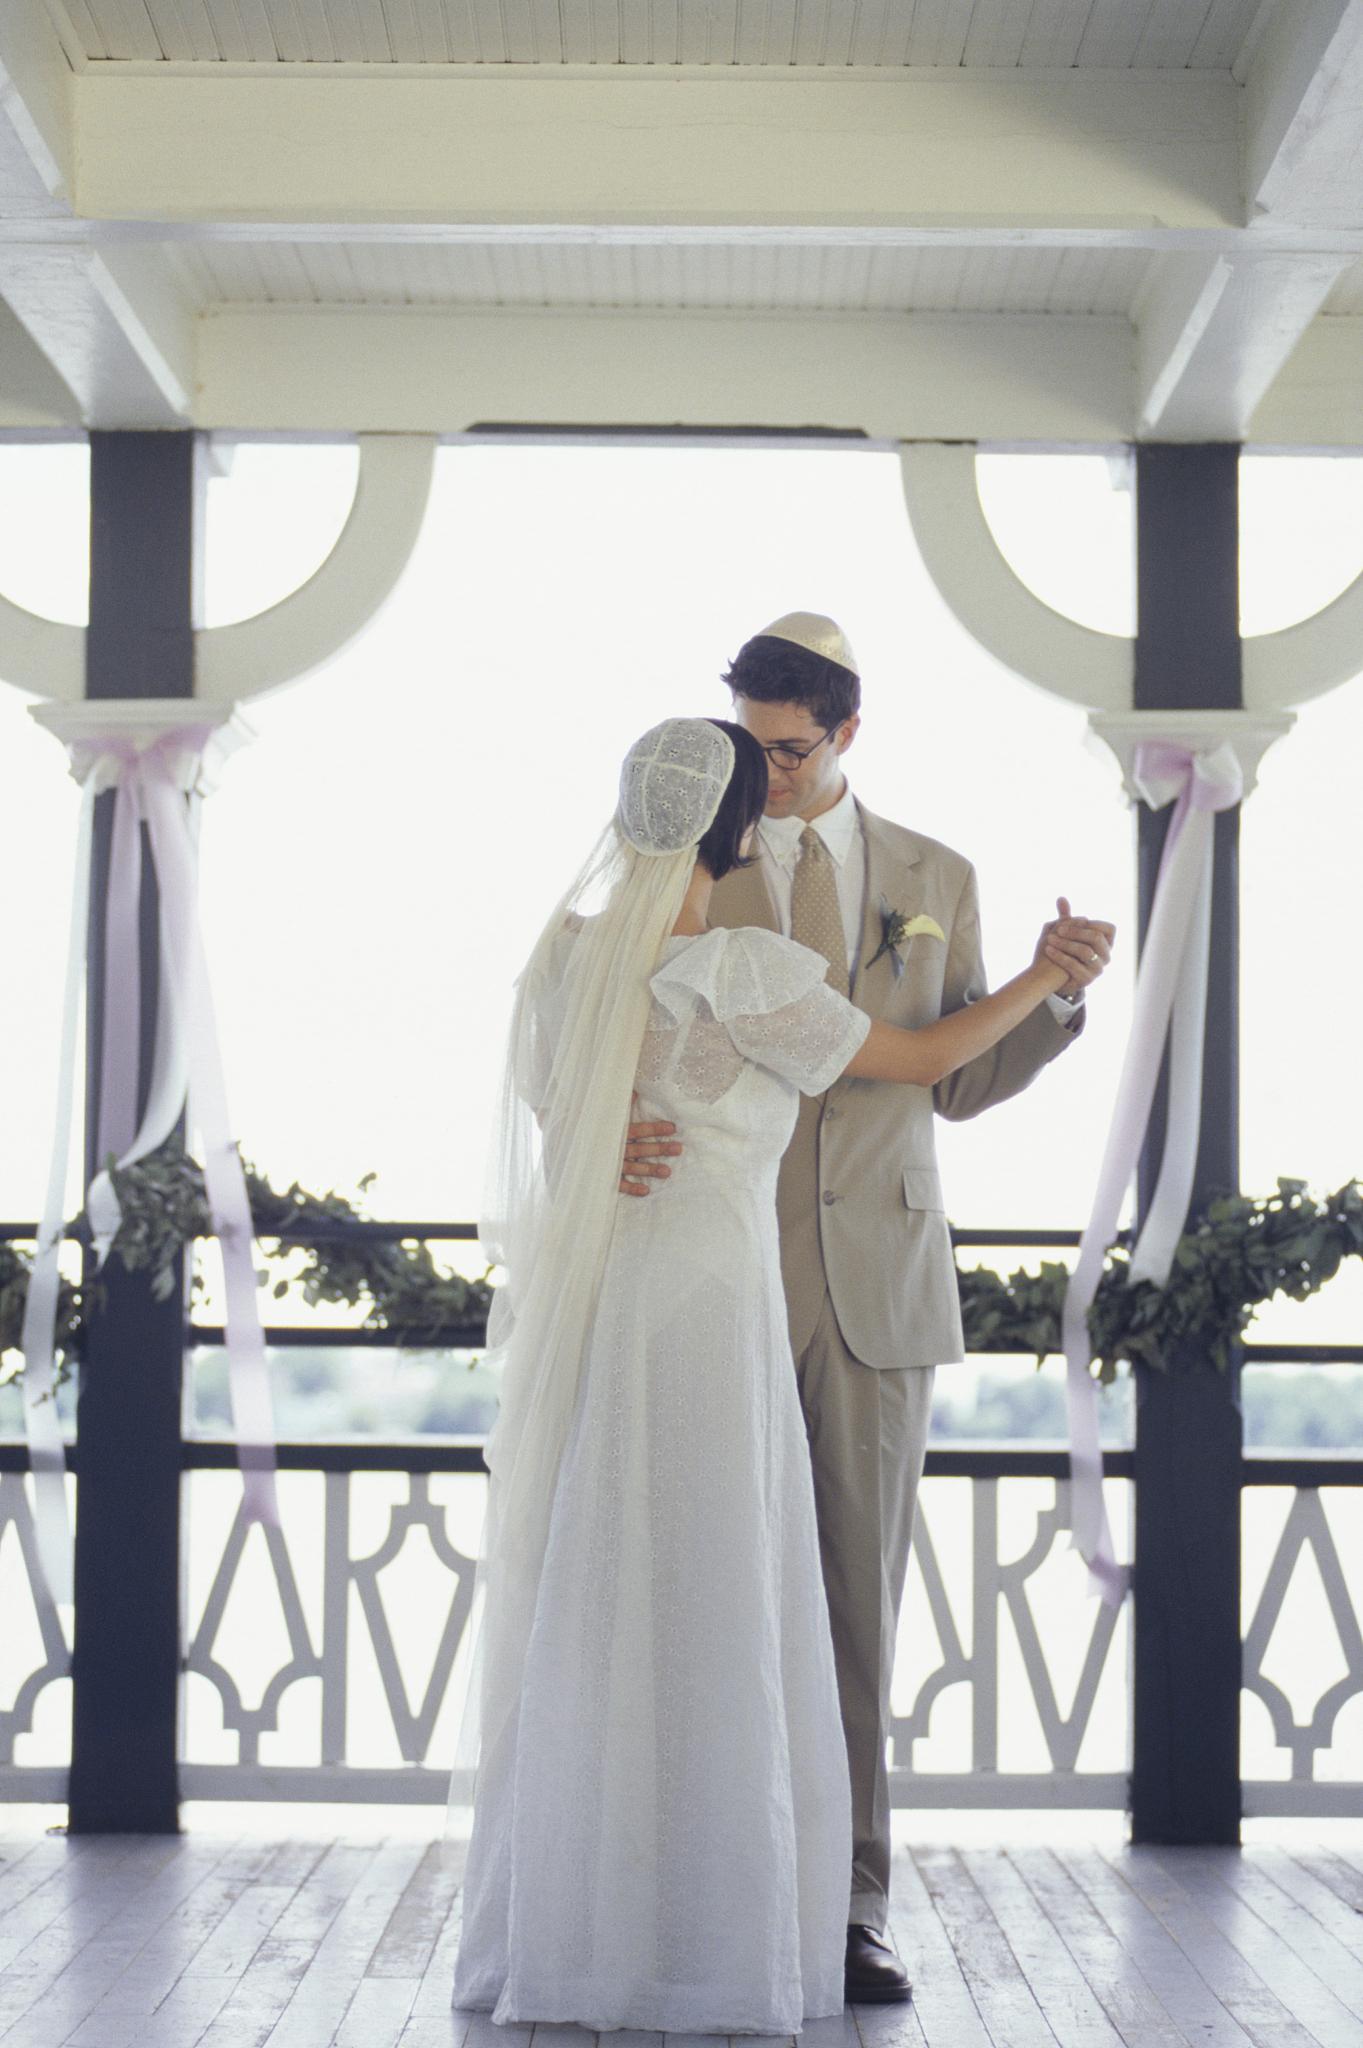 八字择日结婚免费 民间择日婚姻择日小结